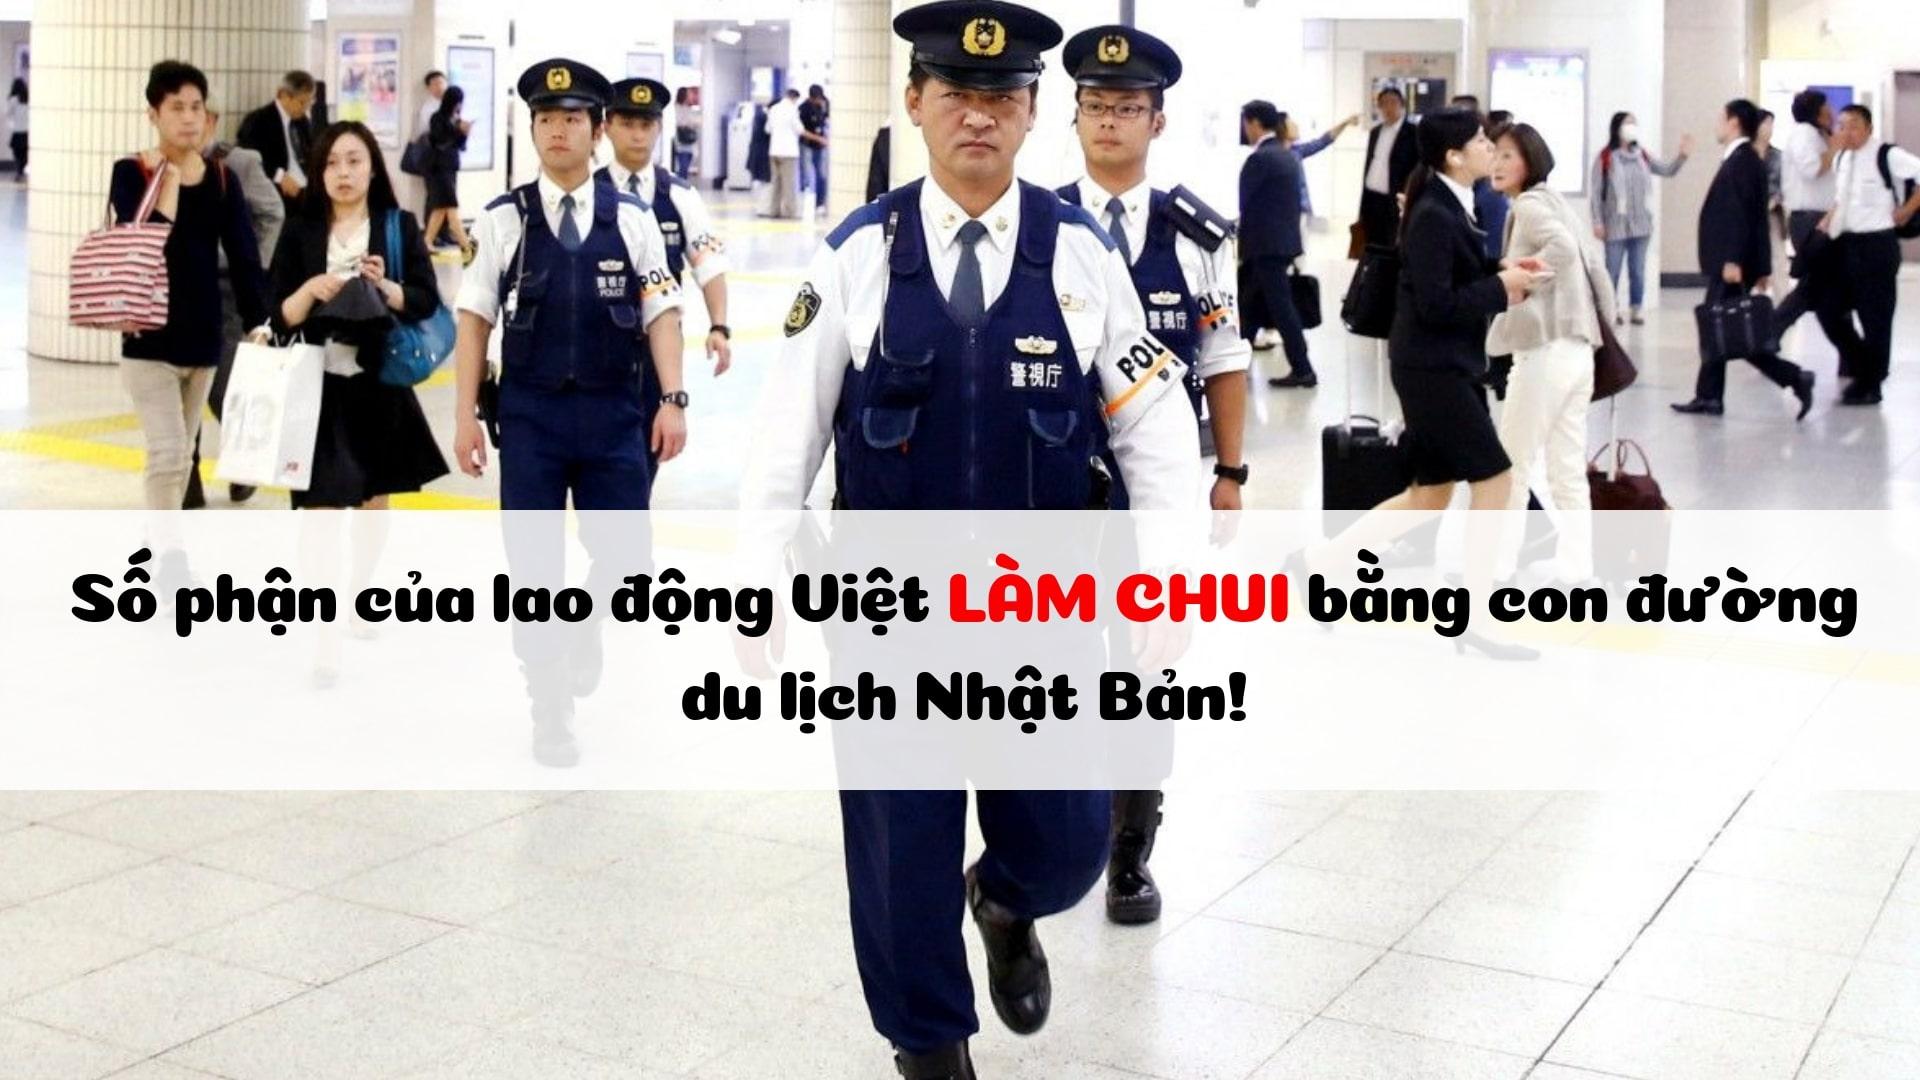 Số phận của lao động Việt LÀM CHUI bằng con đường du lịch Nhật Bản!